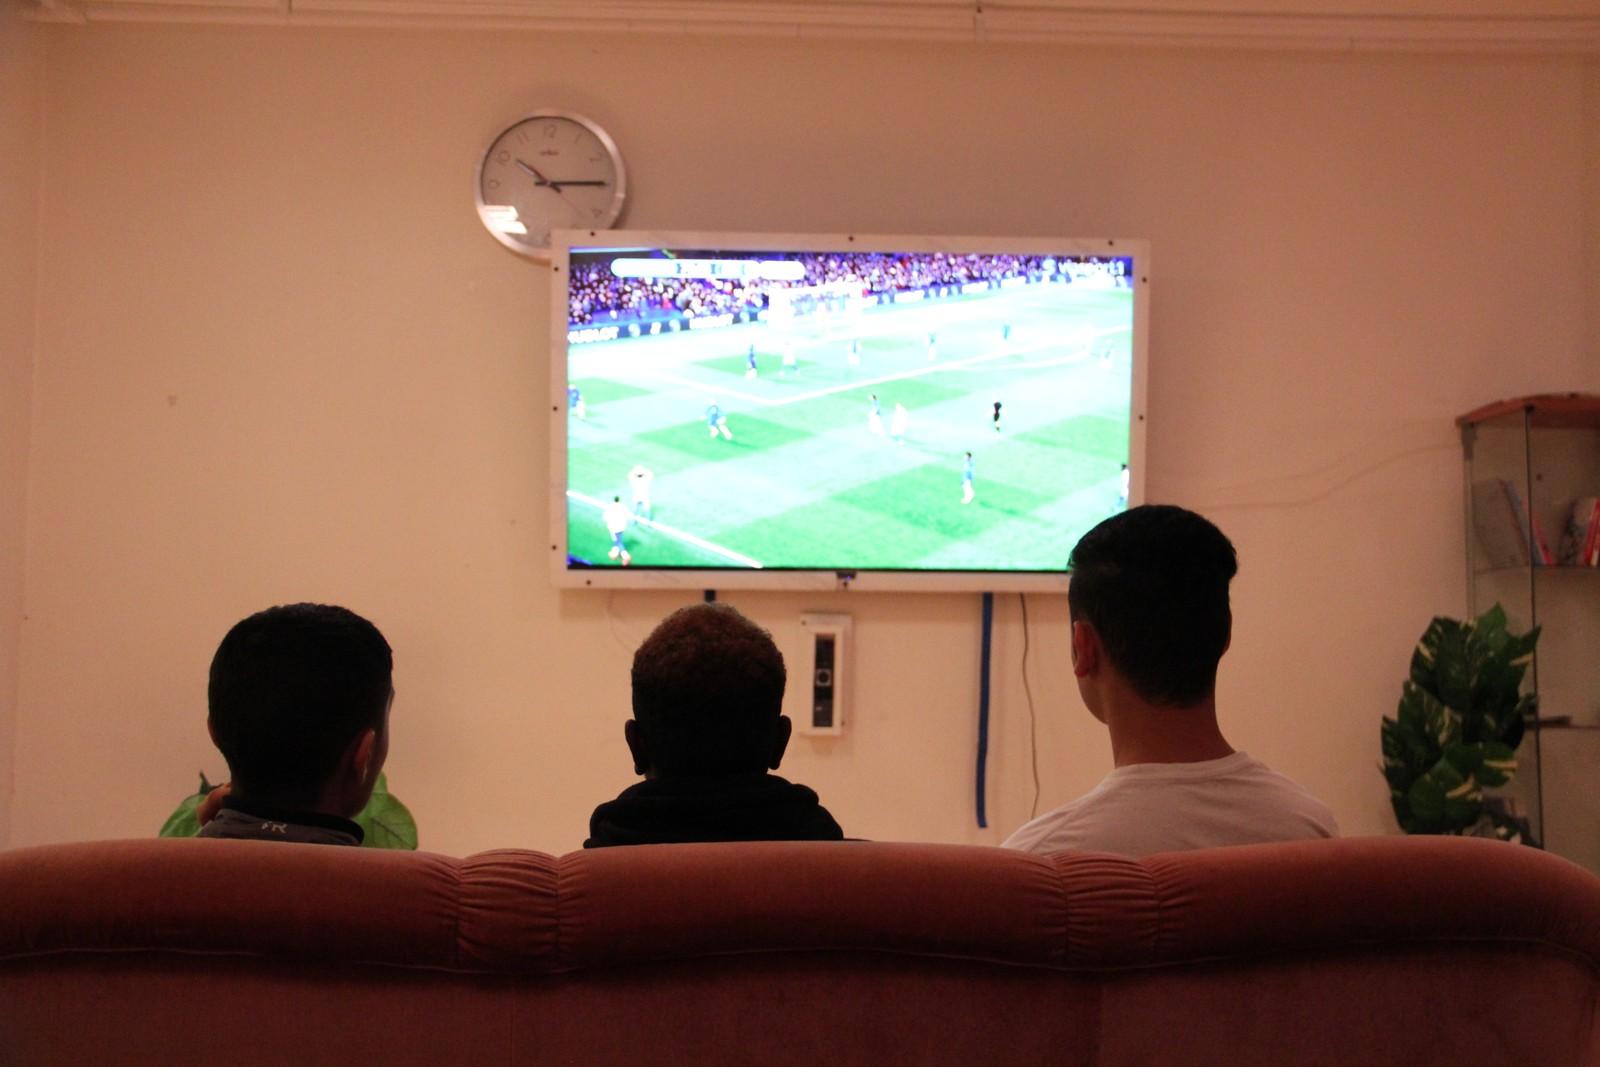 SAMLES OM KVELDENE: På mottaket er det en TV-stue der ungdommen samles om kveldene. Da NRK var på besøk gikk det mye i fotball.